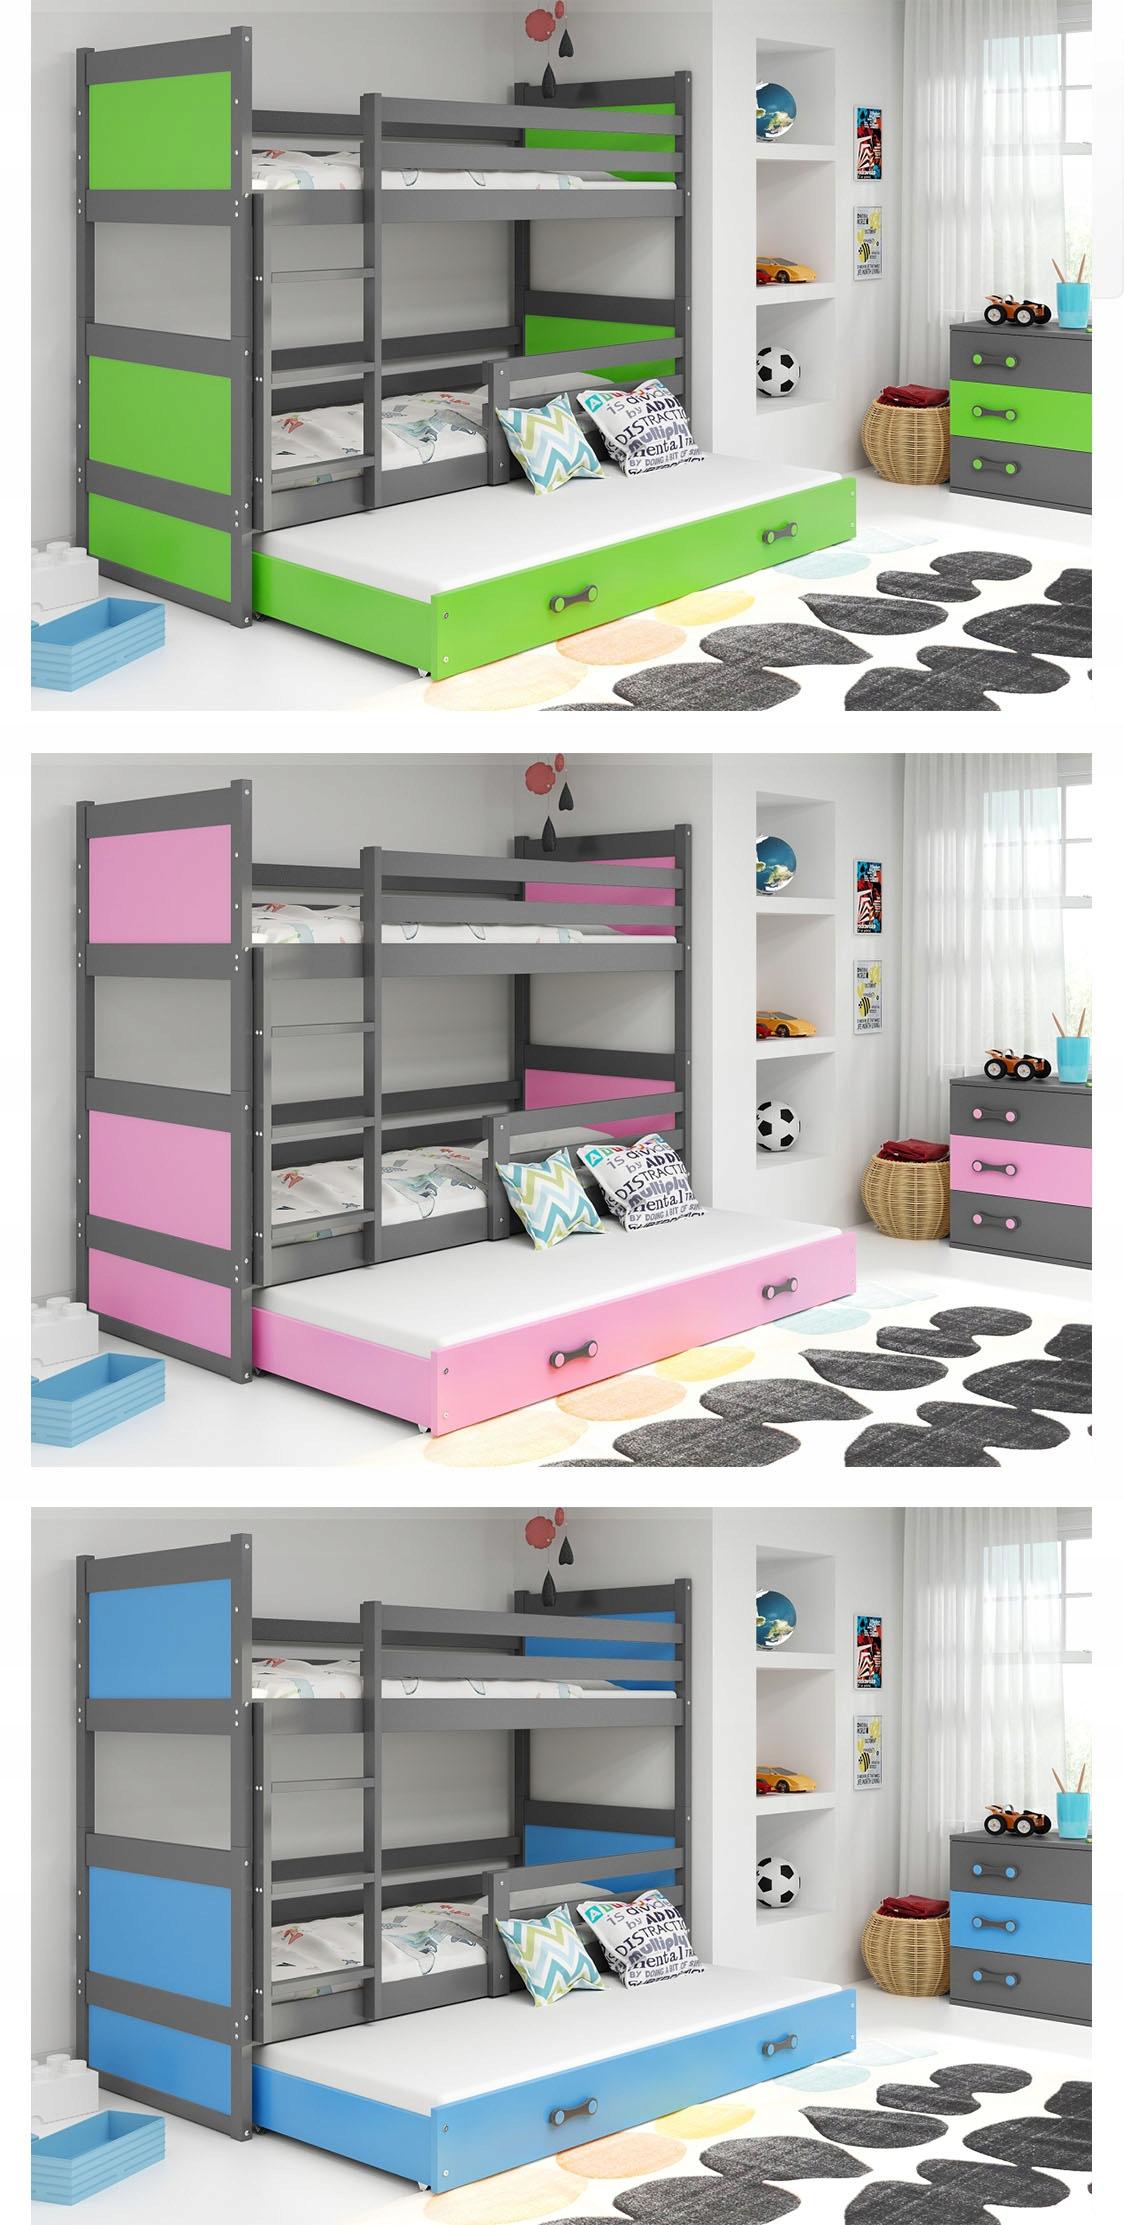 Łóżko Rico dla dzieci 190x80 piętrowe 3 osobowe Kod producenta 30119011202801101153519151